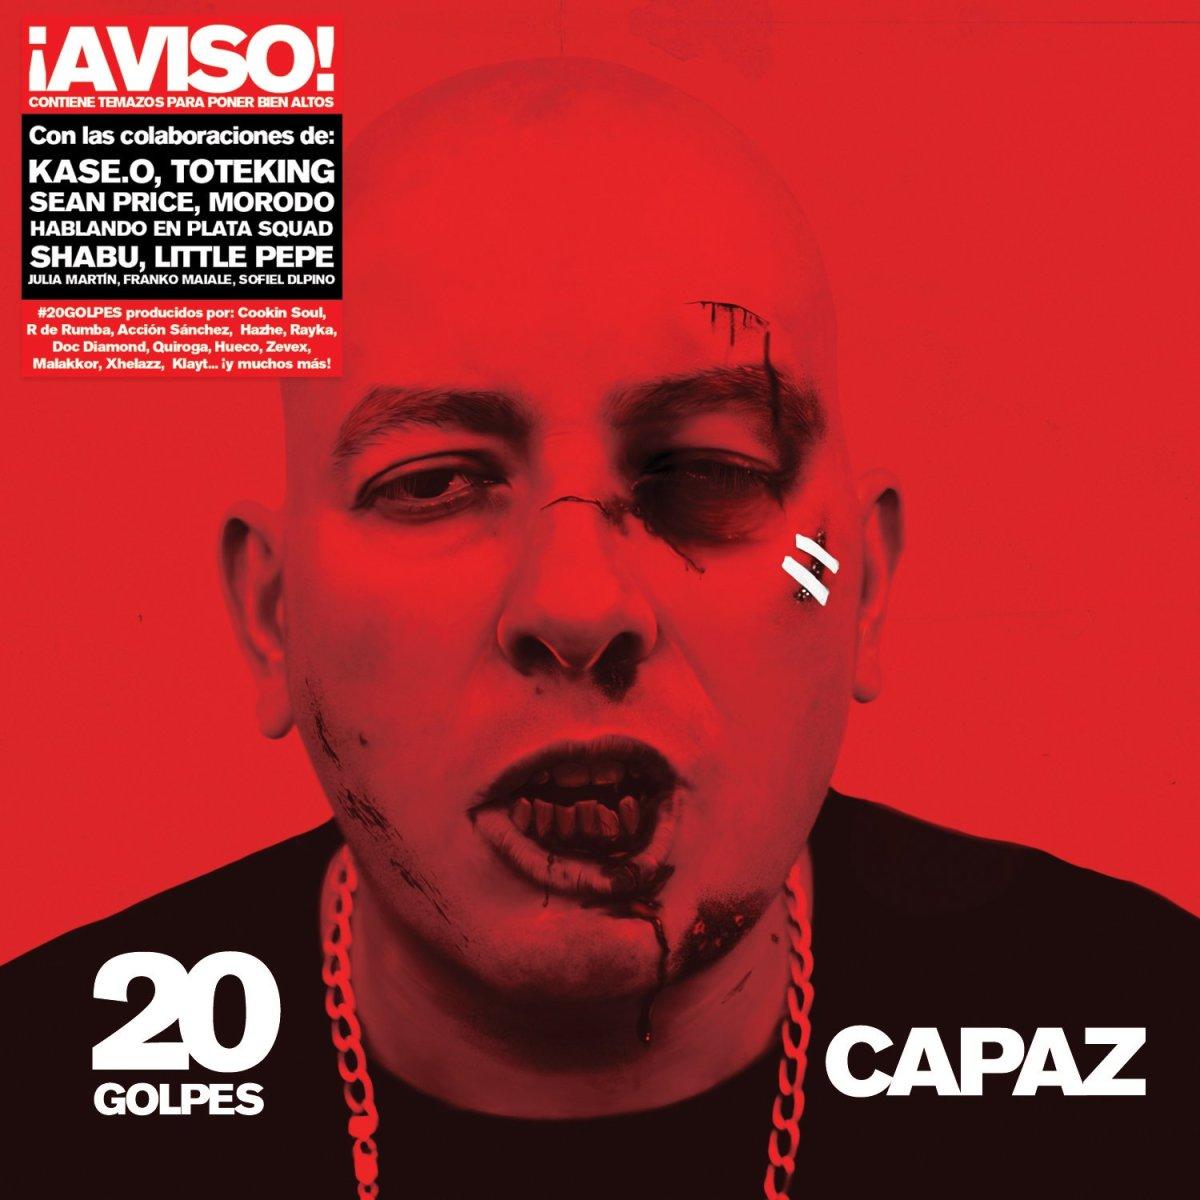 Los 20 Golpes de Capaz: Info, Tracklist y Anticipo